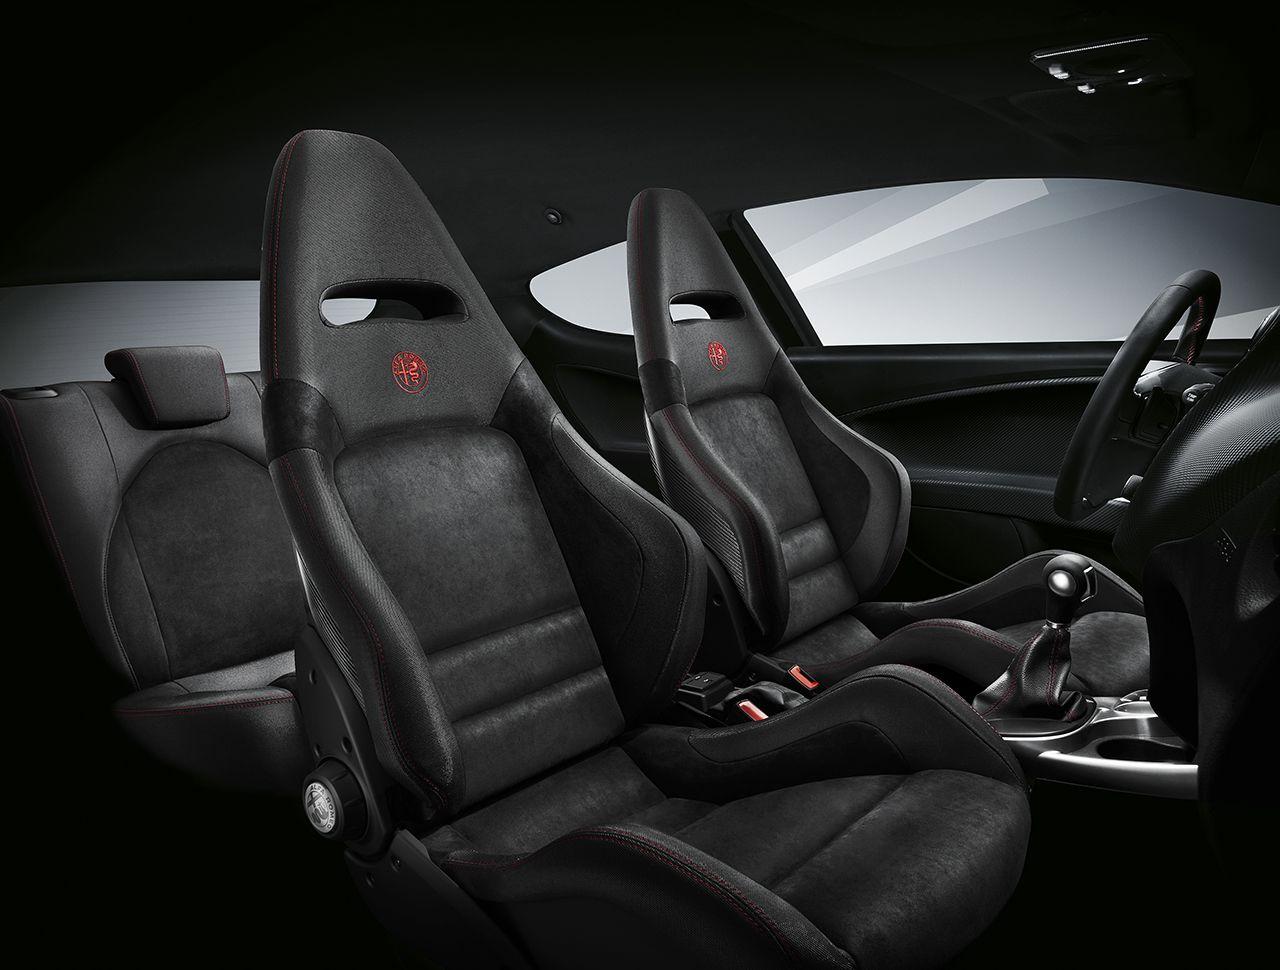 Nuova-Mito-Alfa-Romeo-restyling-2016-1